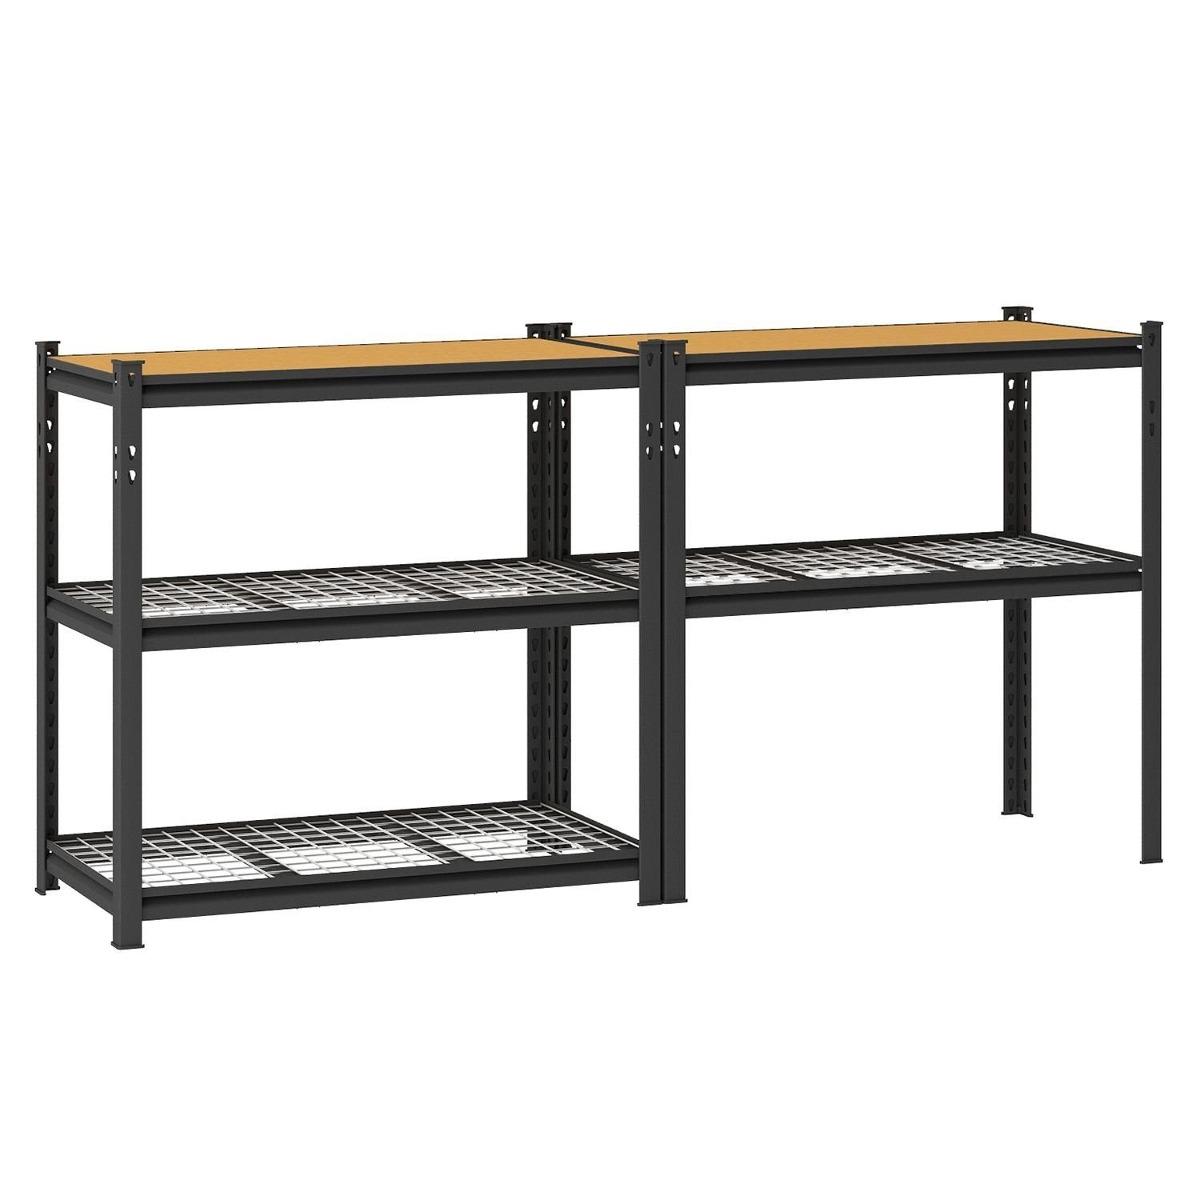 Estante Rack Anaquel 5 Repisas Organizador Garage Taller $ 3 999.00  #9C6E2F 1200x1200